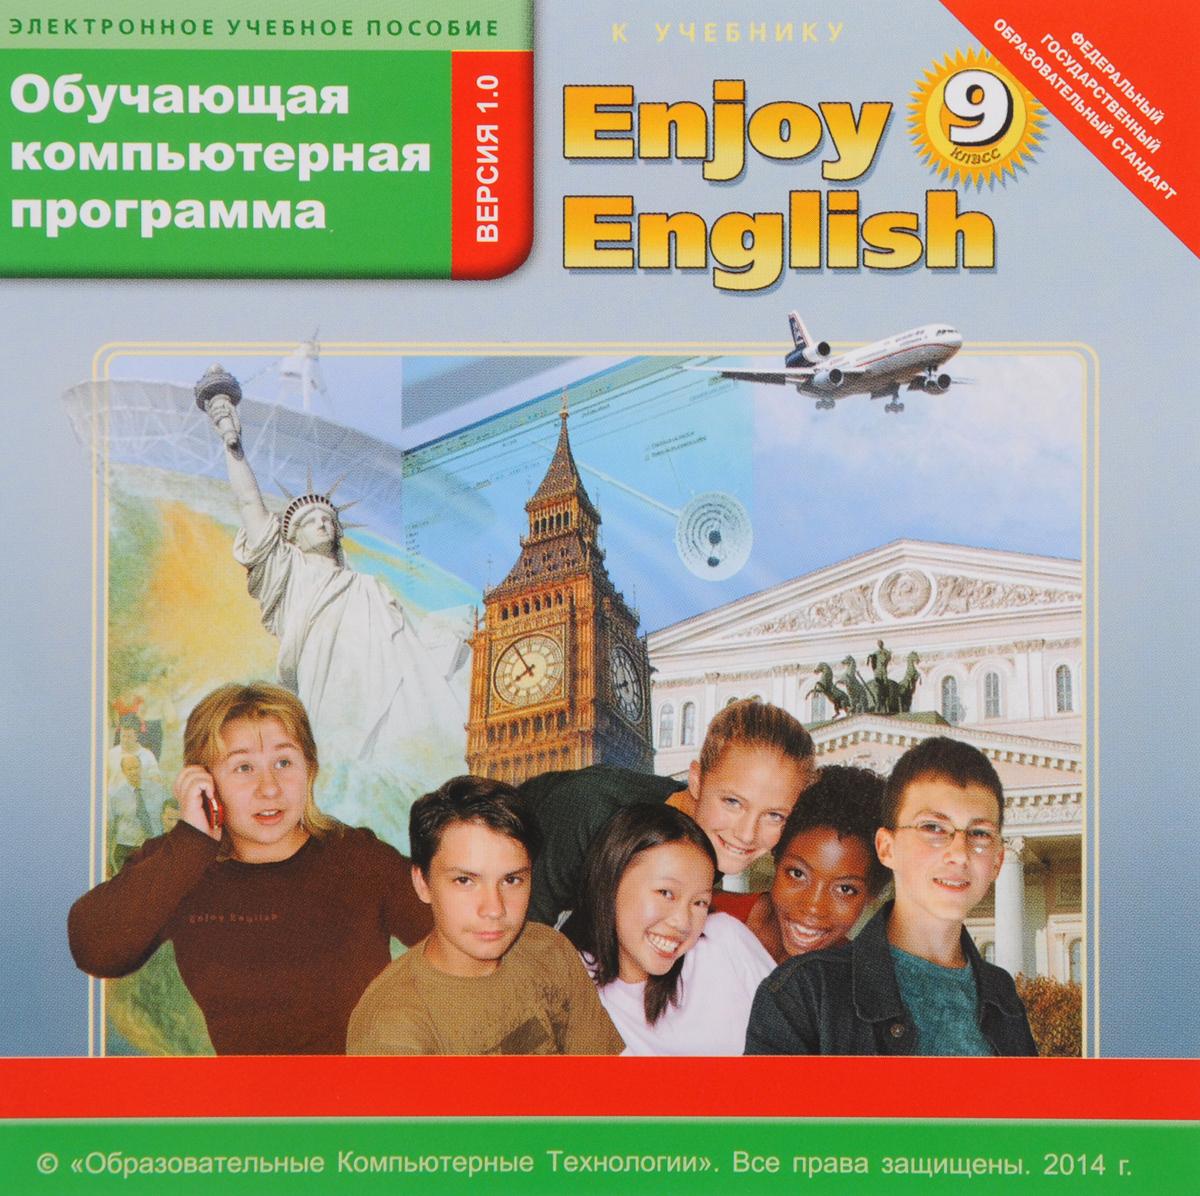 Enjoy English 9 / Английский с удовольствием. класс. Обучающая компьютерная программа